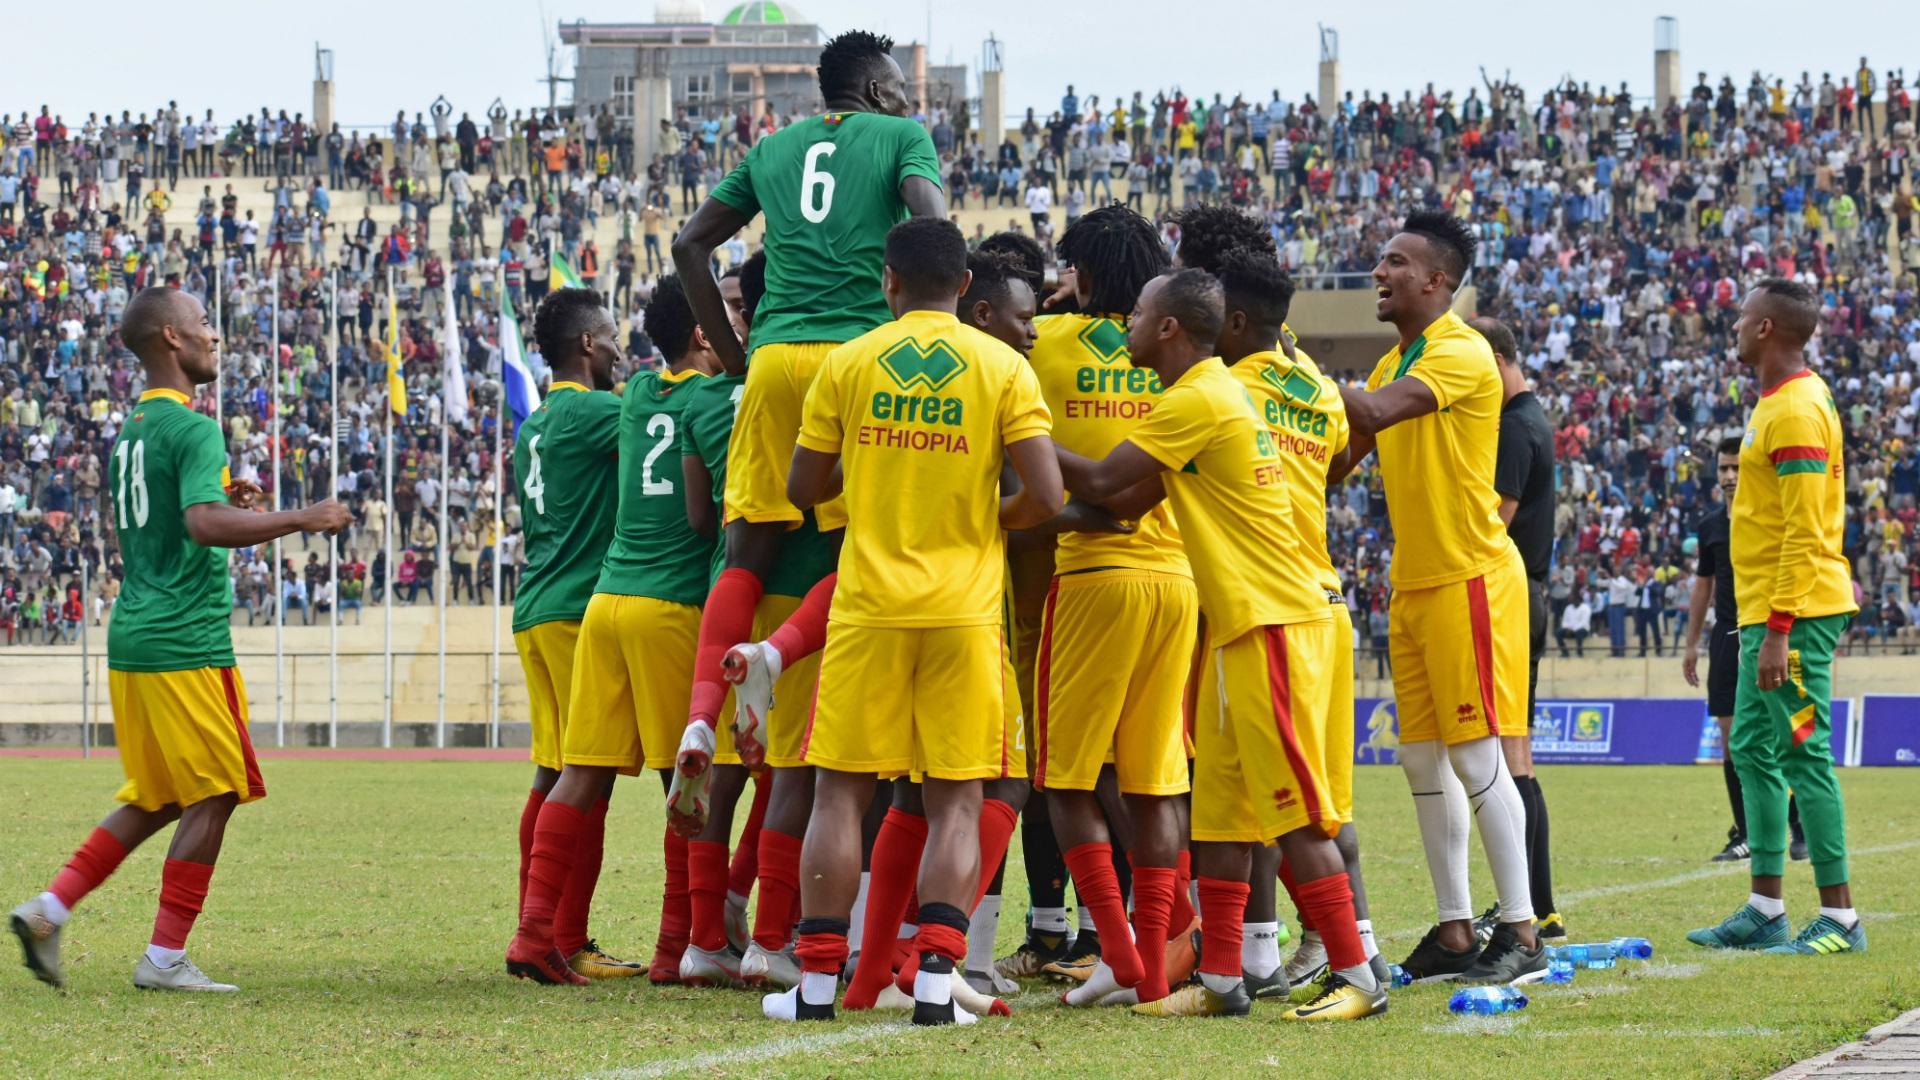 Gatoch Panom: Haras El-Hodood sign Ethiopian midfielder